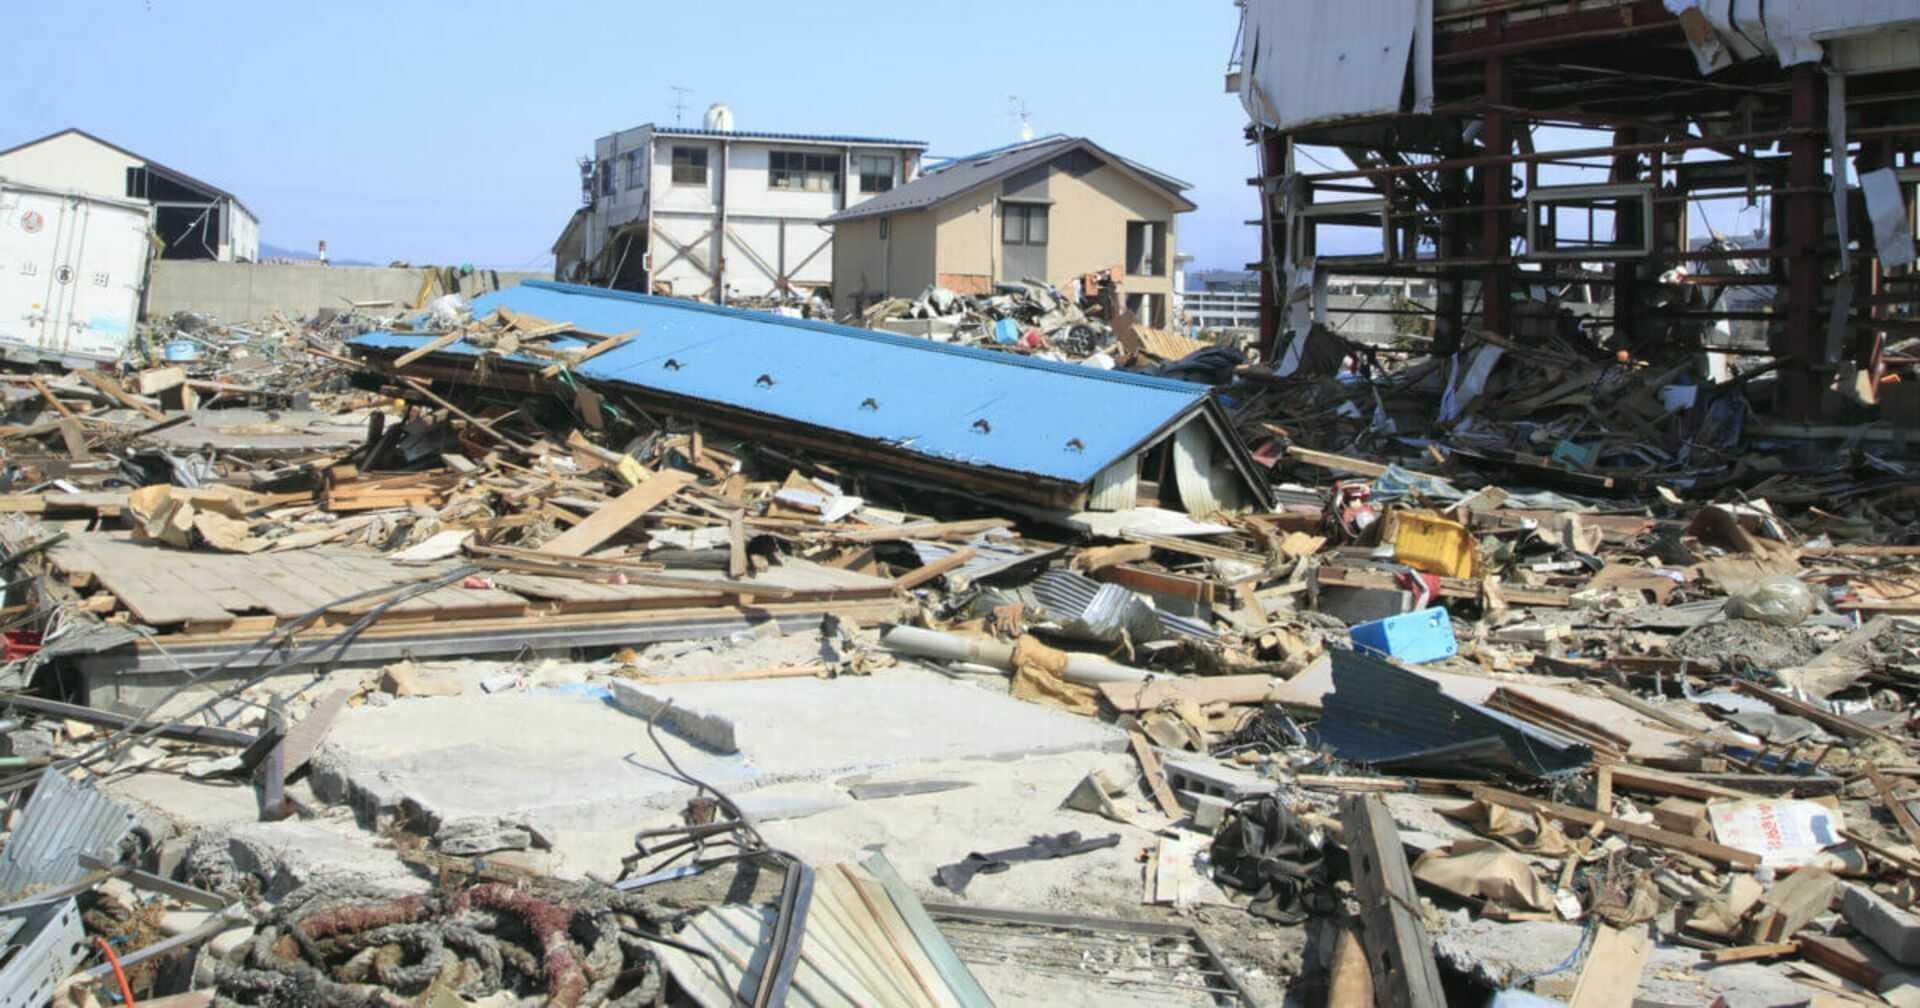 Trzy tygodnie po huraganie Dorian: ratownicy słyszą odgłosy pod gruzowiskami i zdarza się mały cud